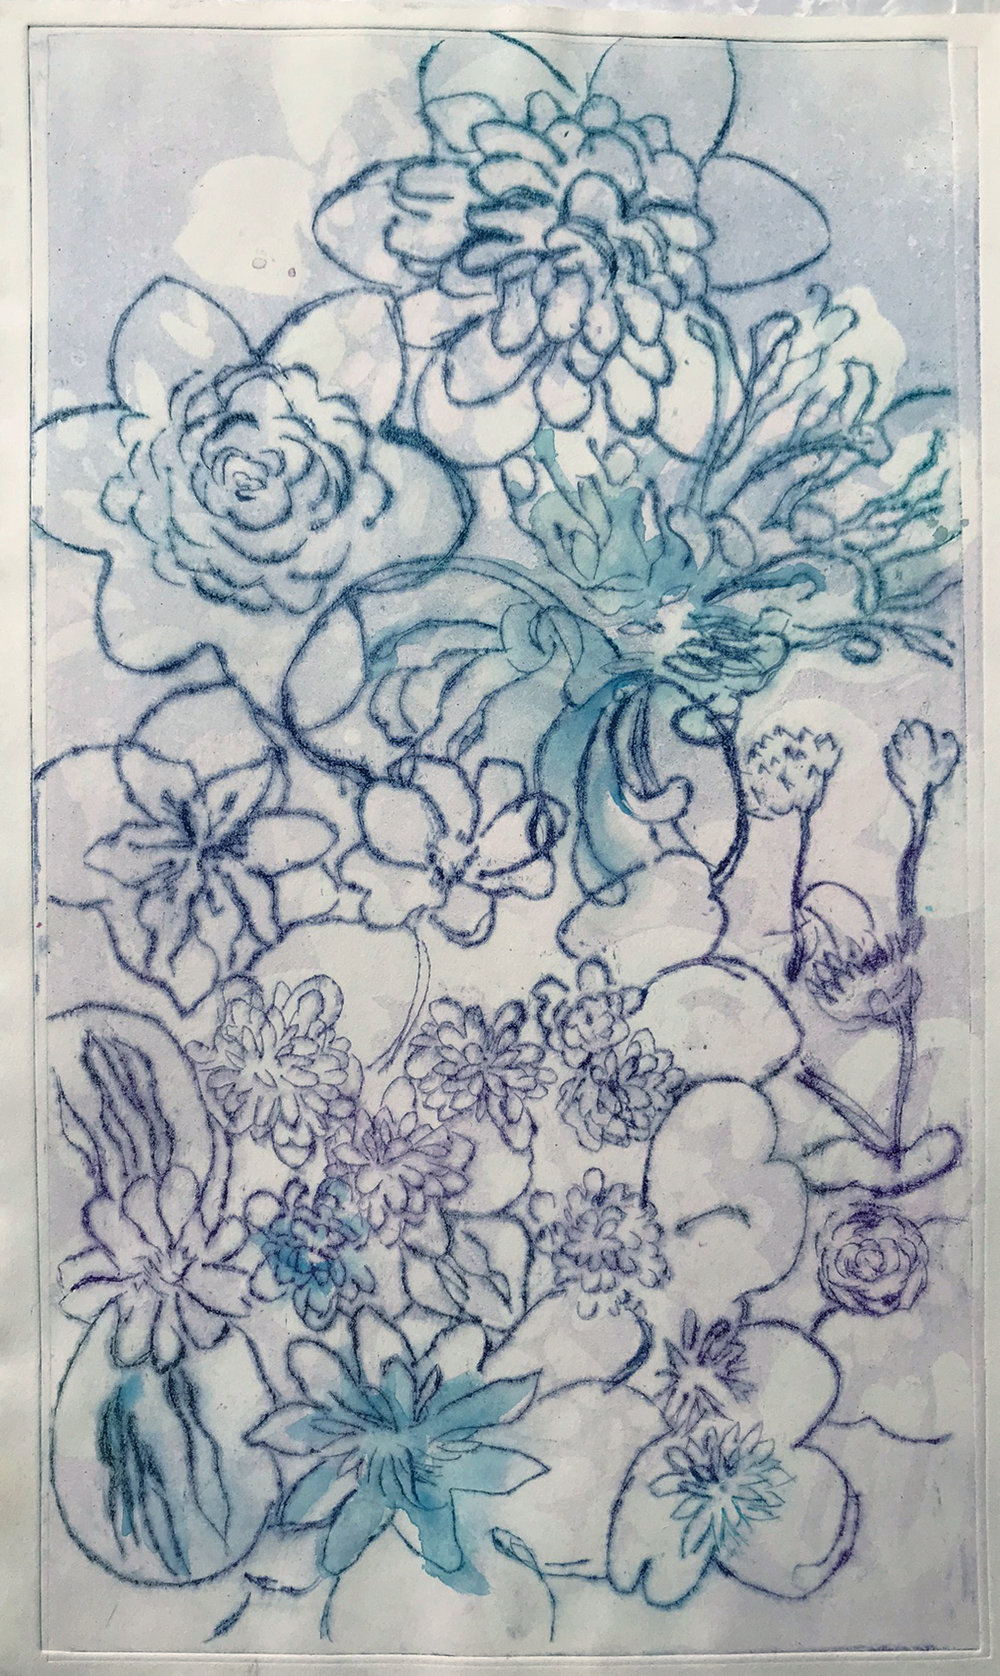 WaterFlora Drypoint Print